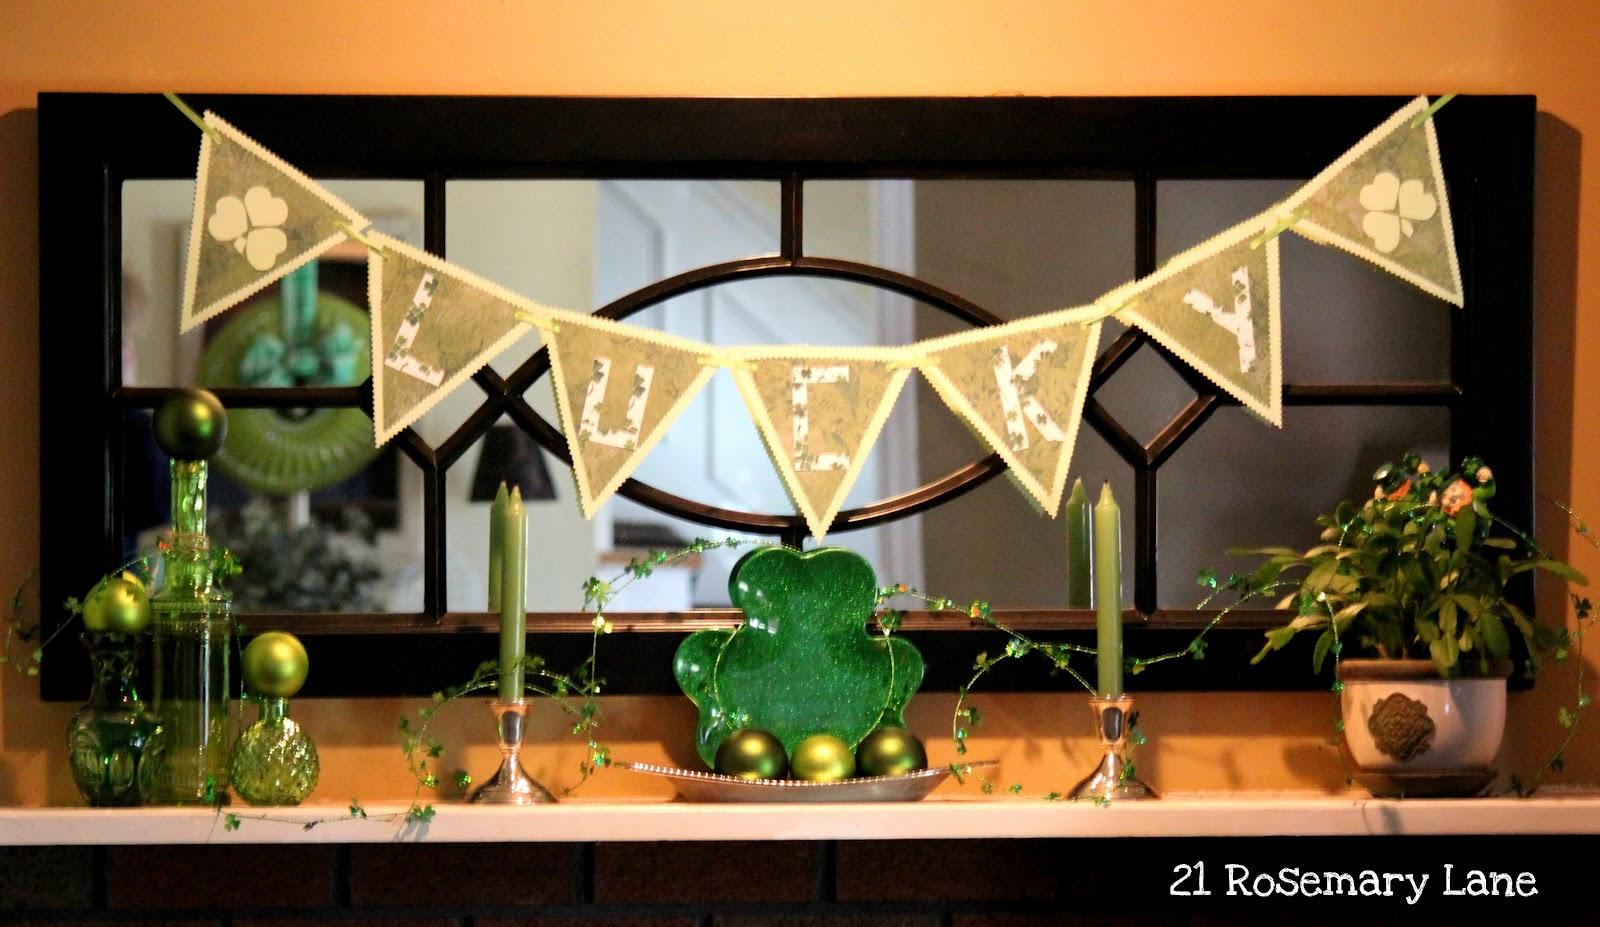 21 Rosemary Lane Irish Inspired Mantel Display